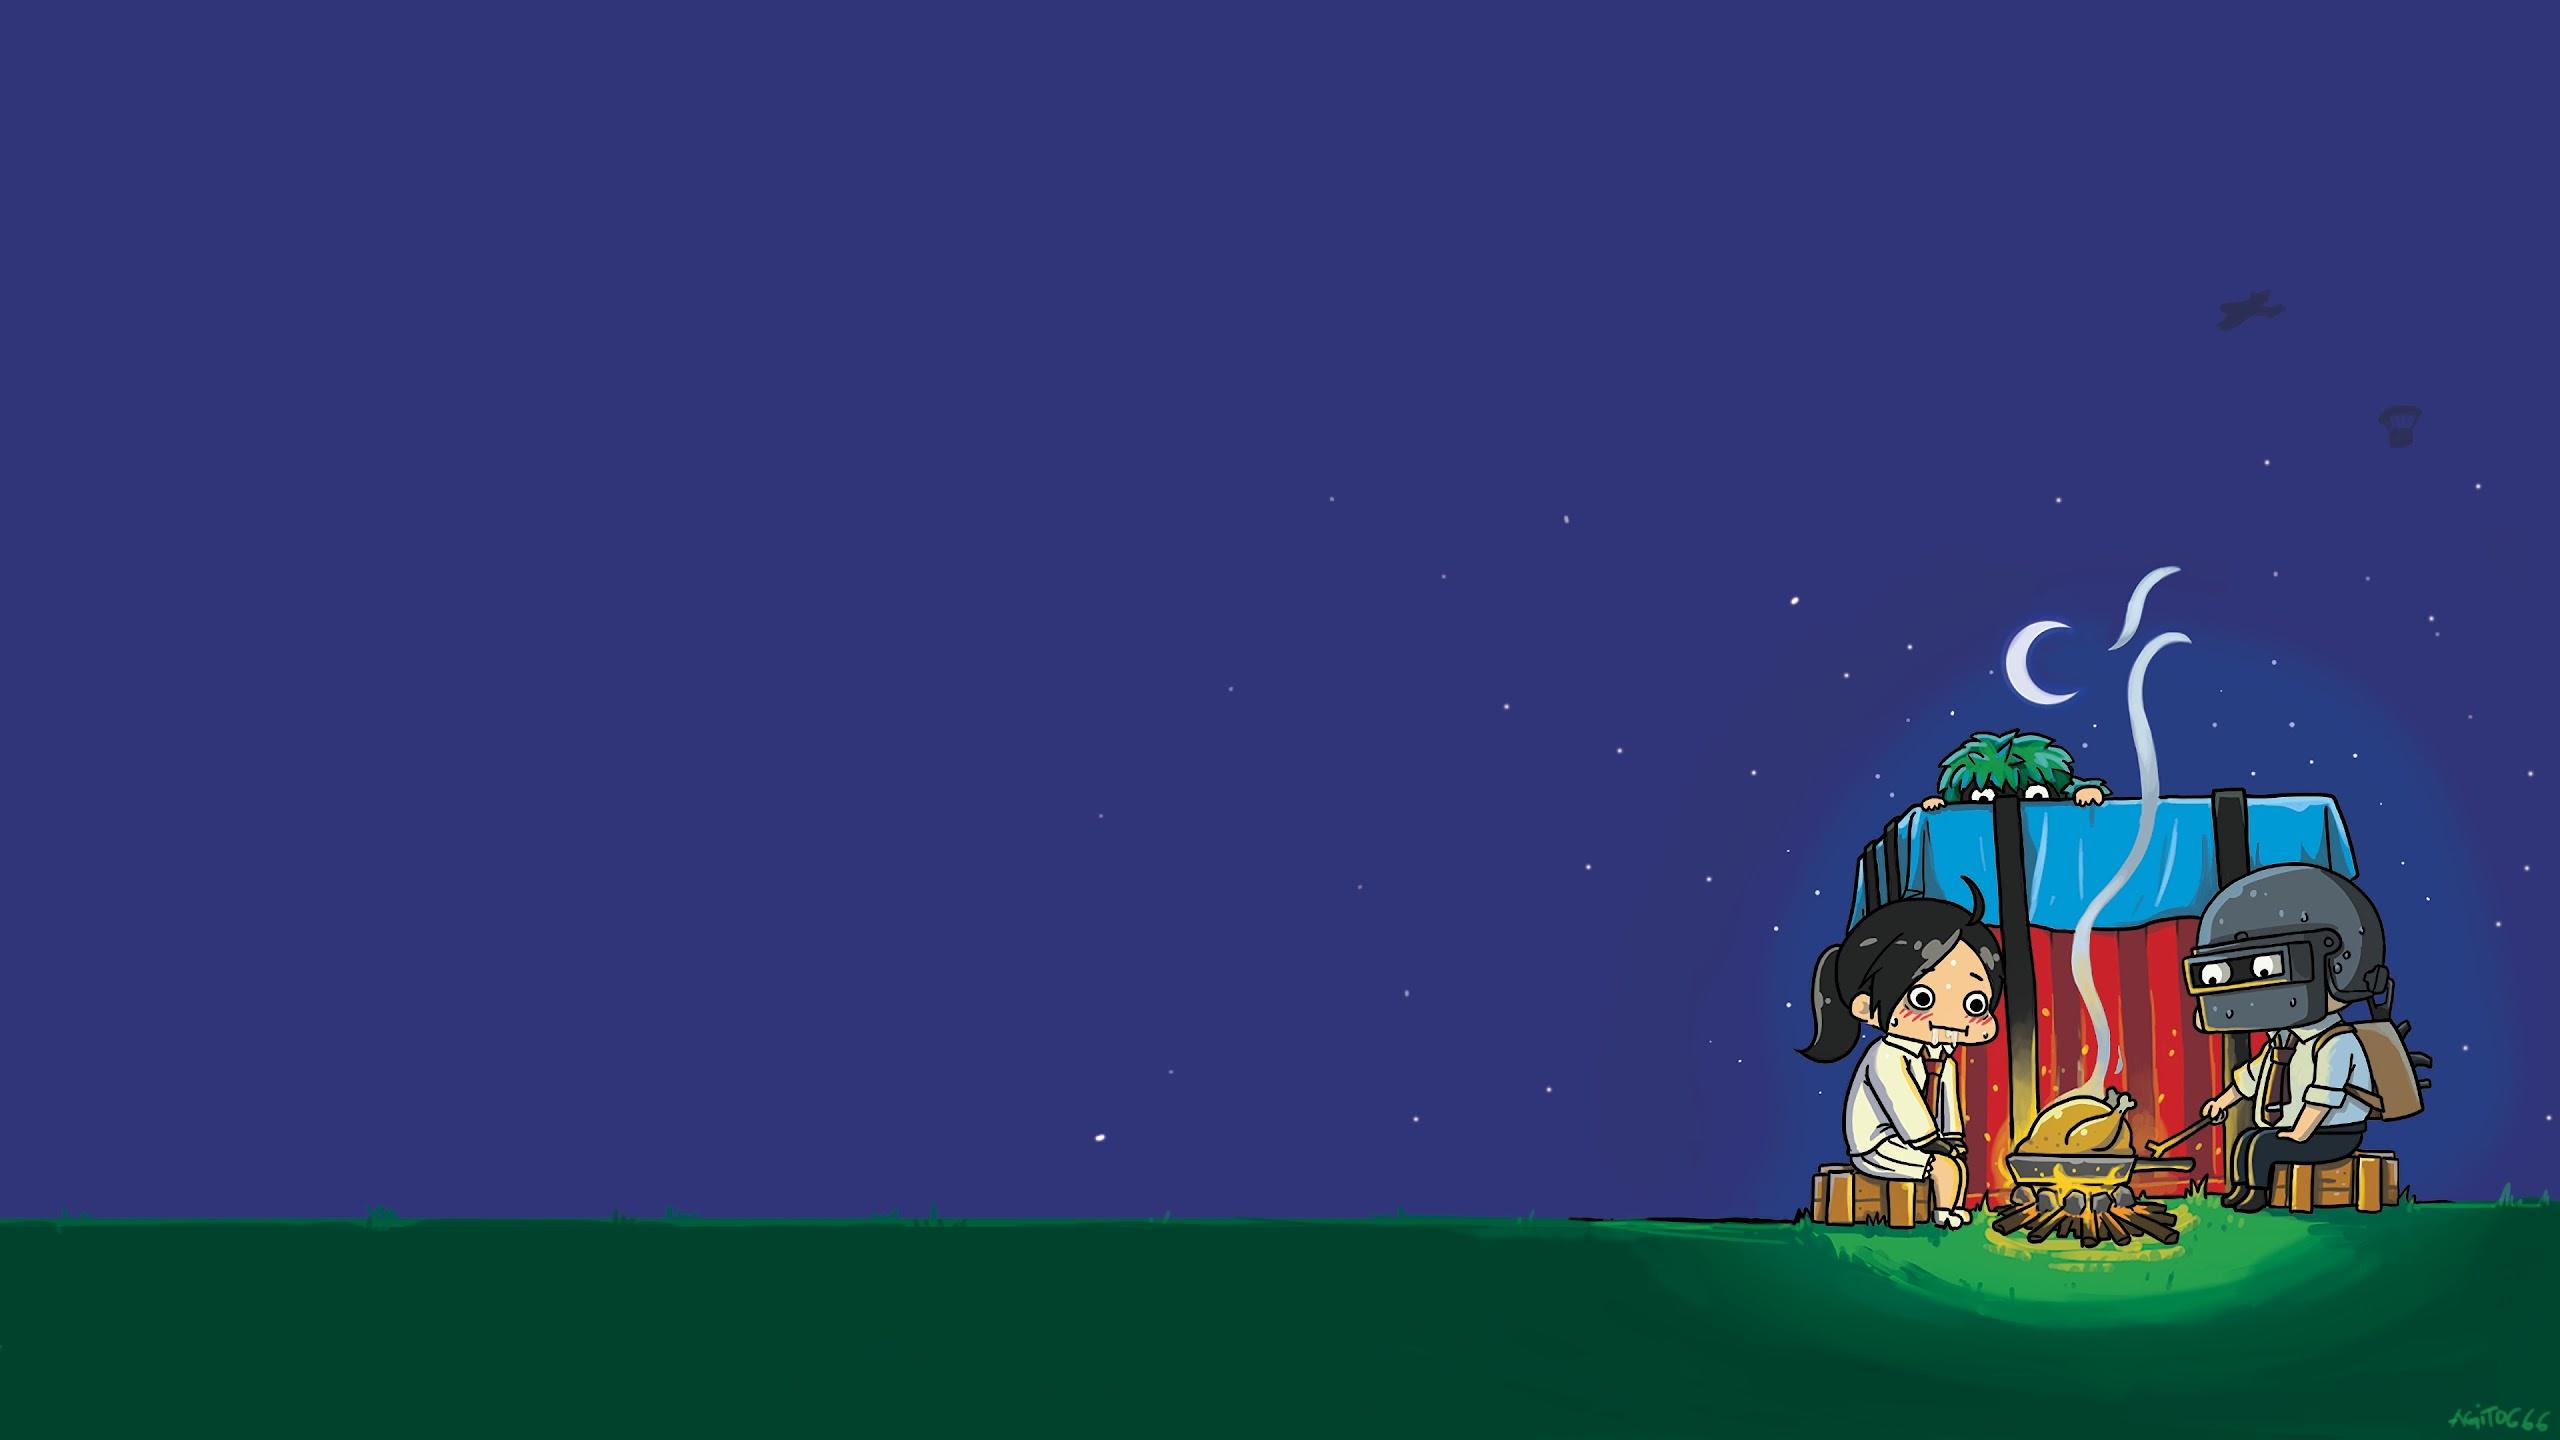 Pubg Cartoon Wallpaper Hd Download